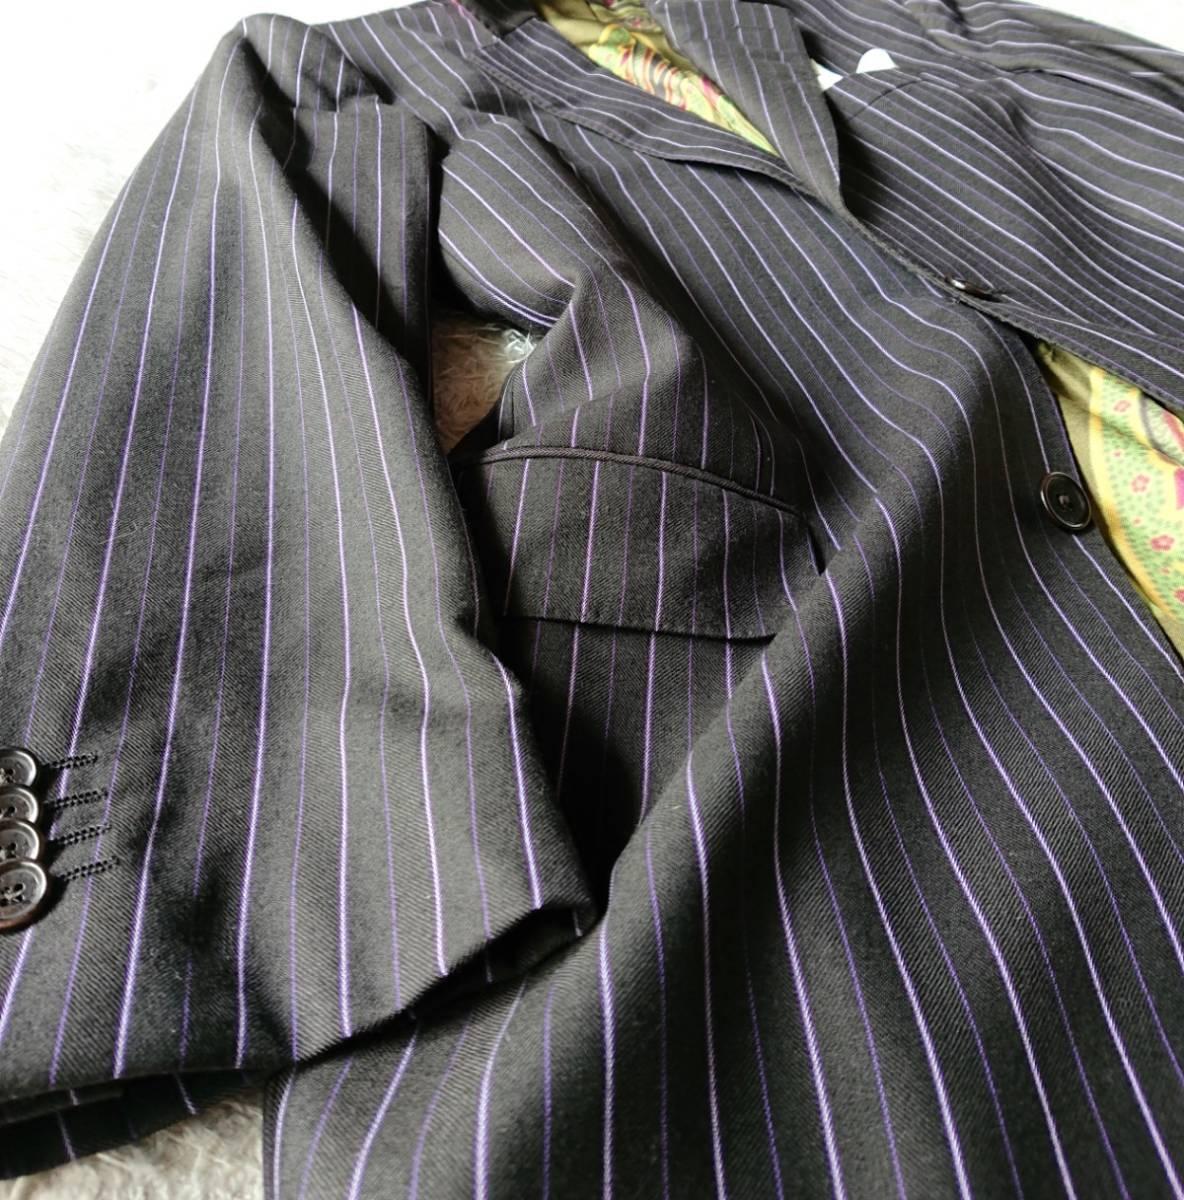 美品 ETRO Milano ラグジュアリー×ペイズリー柄 極上な風合い 襟裏豪華『釦英文字ロゴ入』★ エトロ スーツ セットアップ メンズ ビジネス_画像6